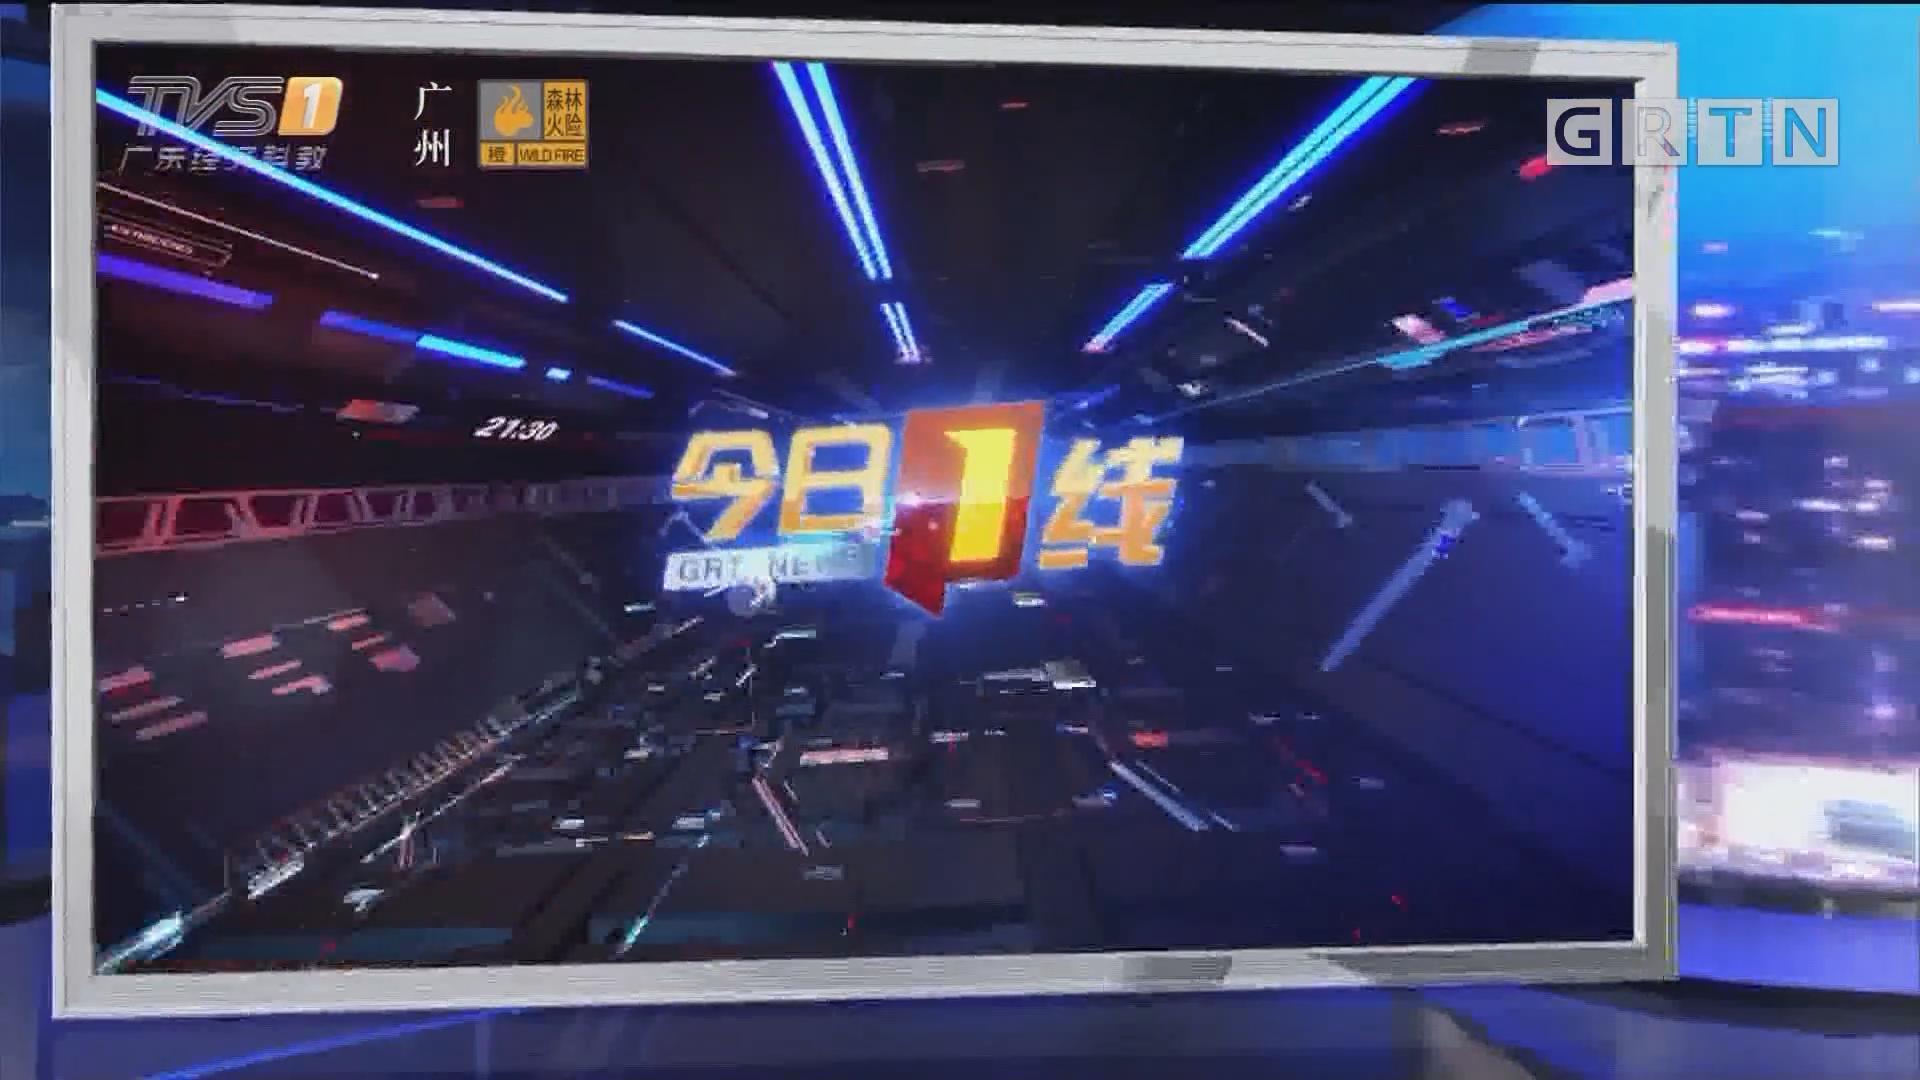 [HD][2019-09-27]今日一线:庆祝新中国70华诞焰火晚会:广州 焰火晚会地点敲定 实行预约抽签进场